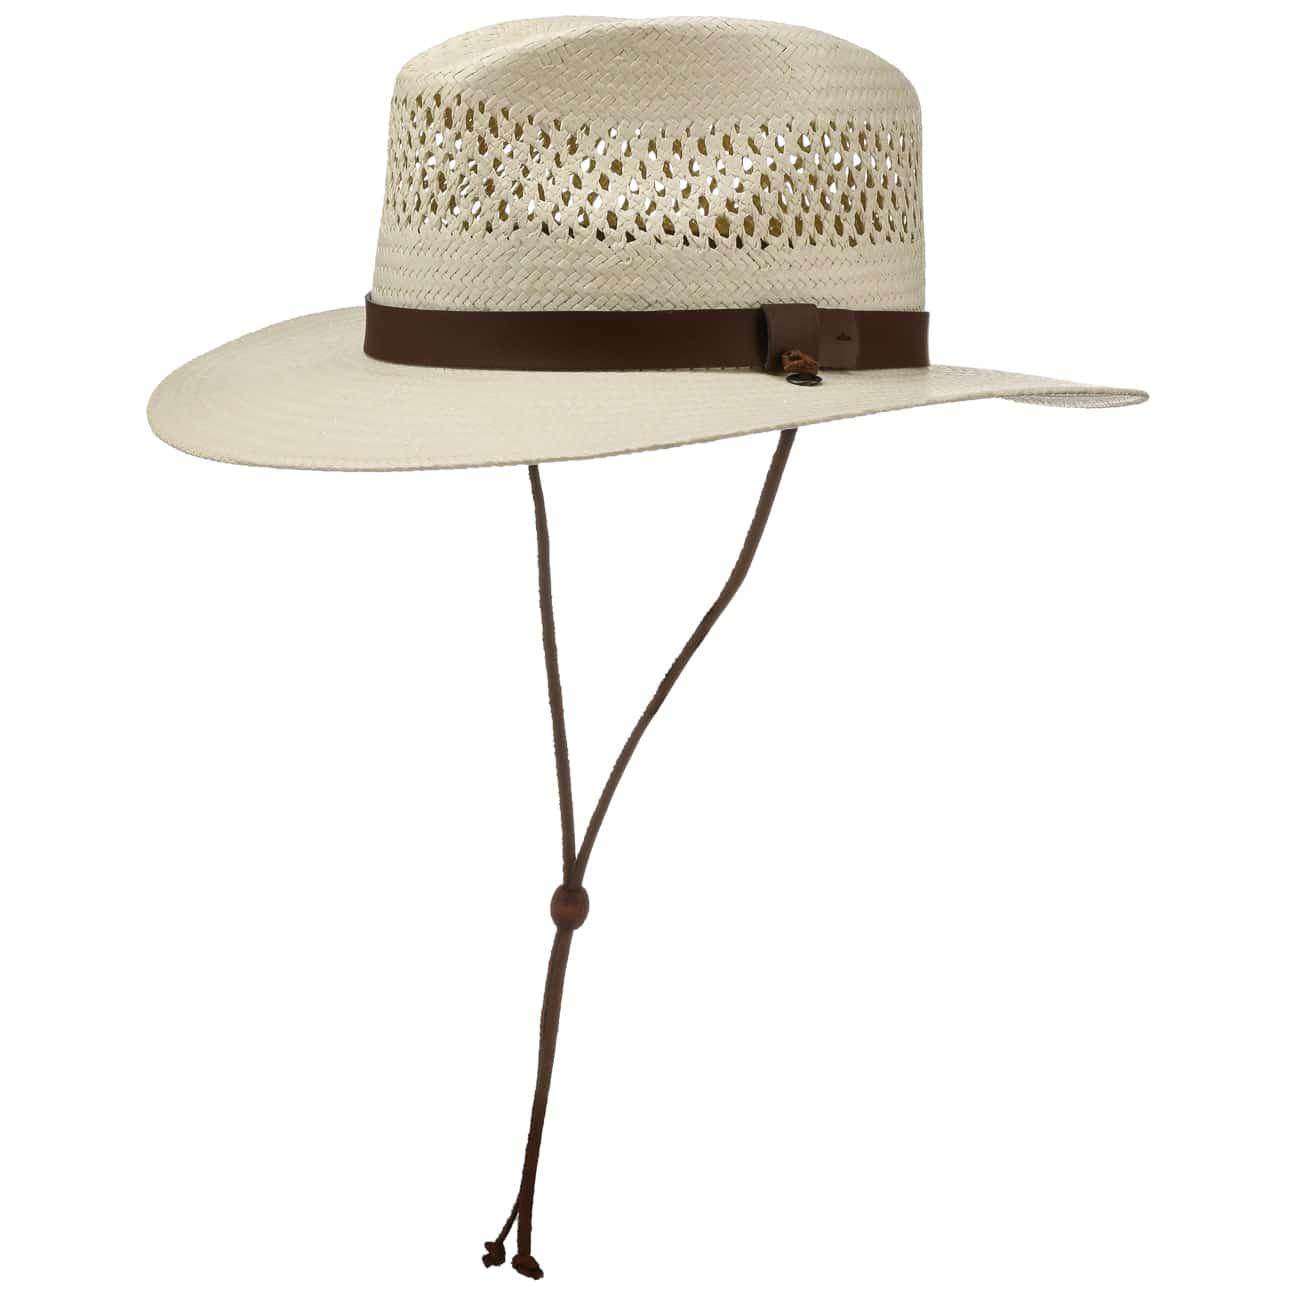 Sombrero de Paja Toyo Traveller - Sombreros - sombreroshop.es 91562011fbd